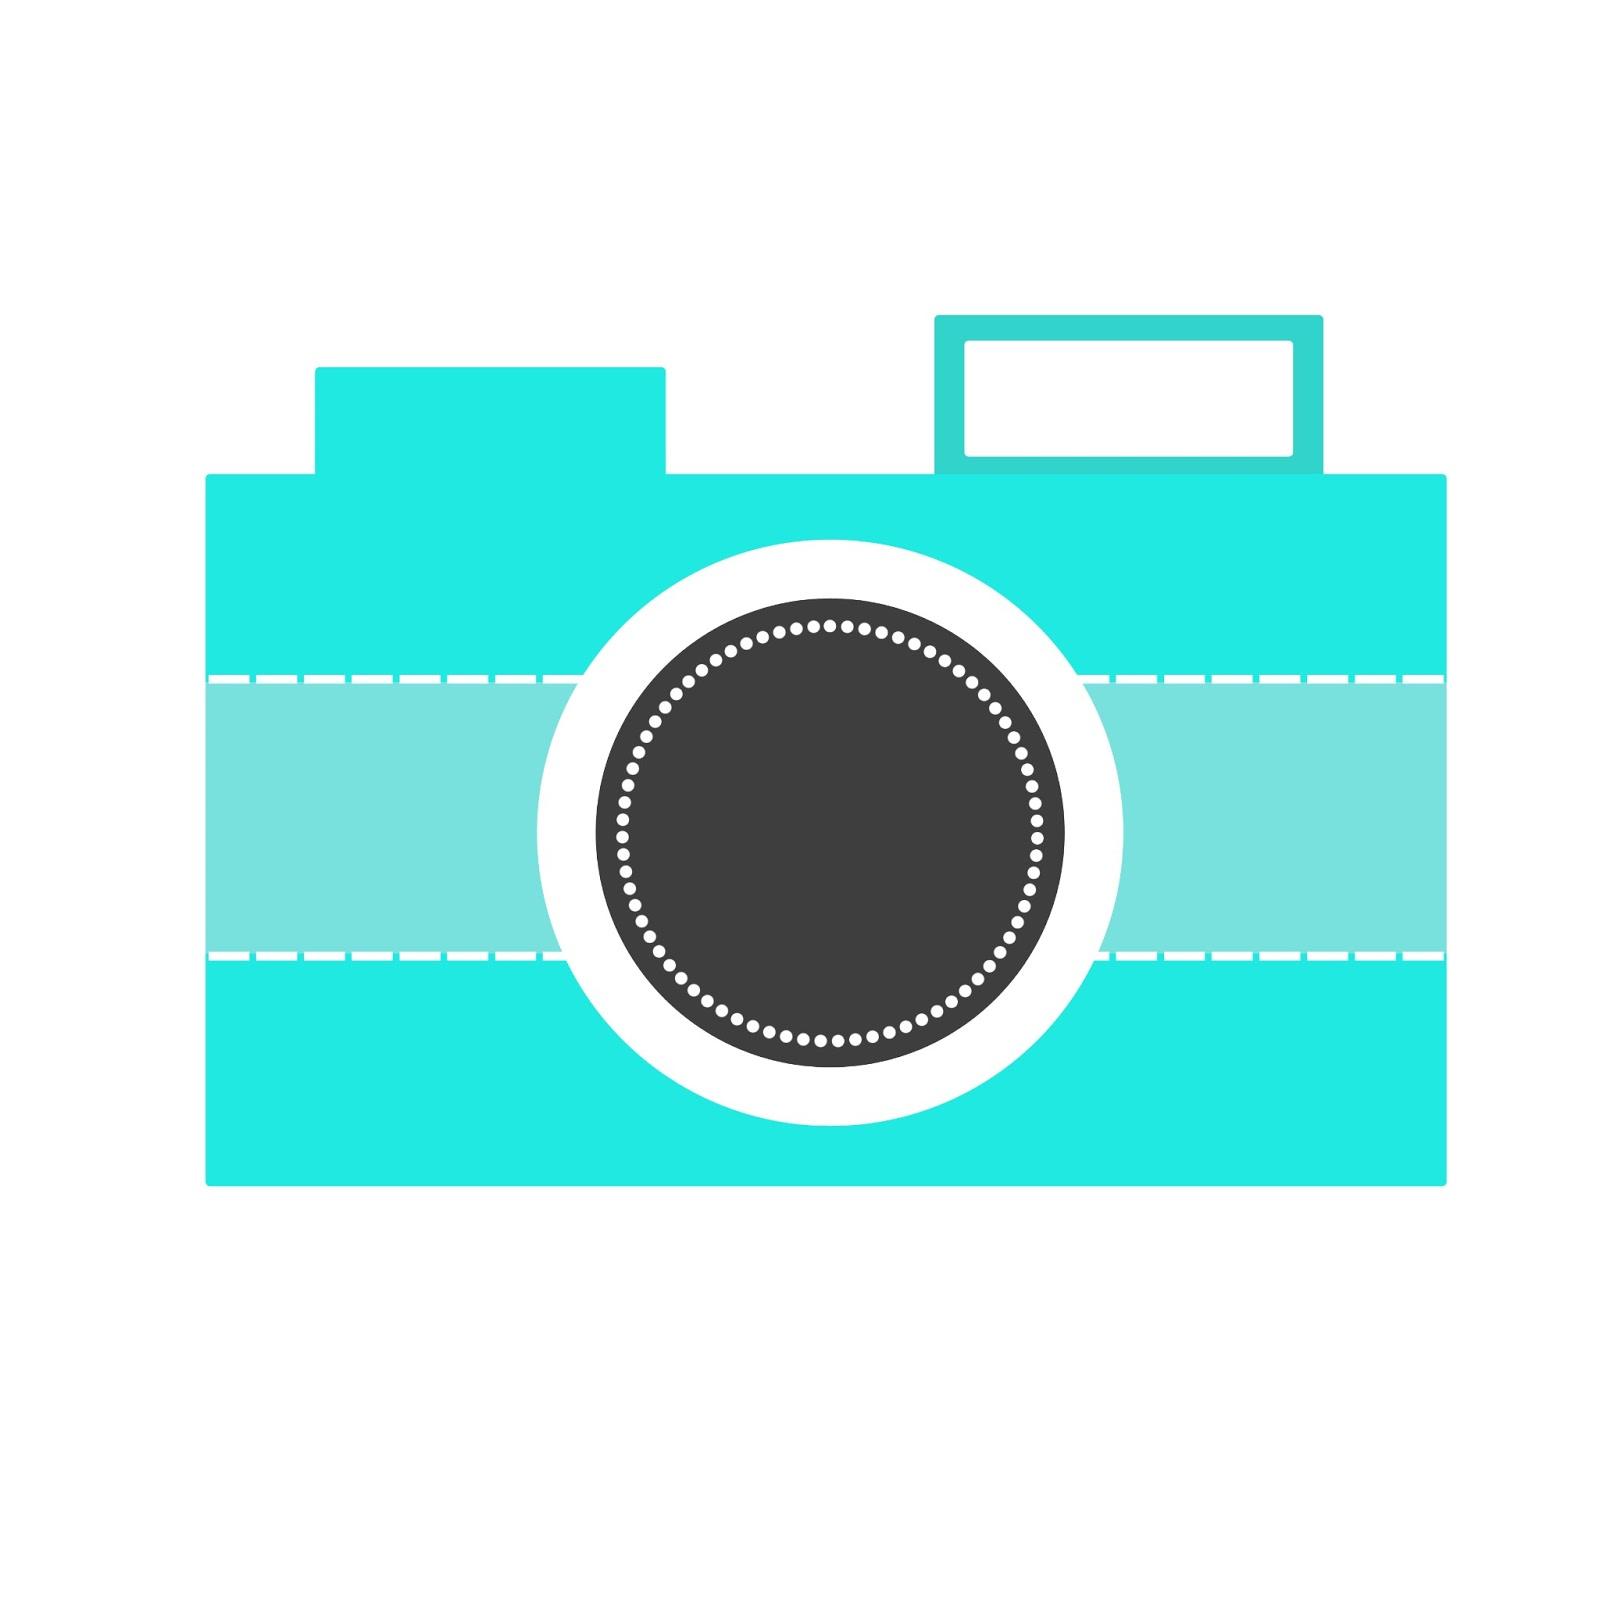 Cute Camera Clipart - Digital Clip Art Graphics for ...